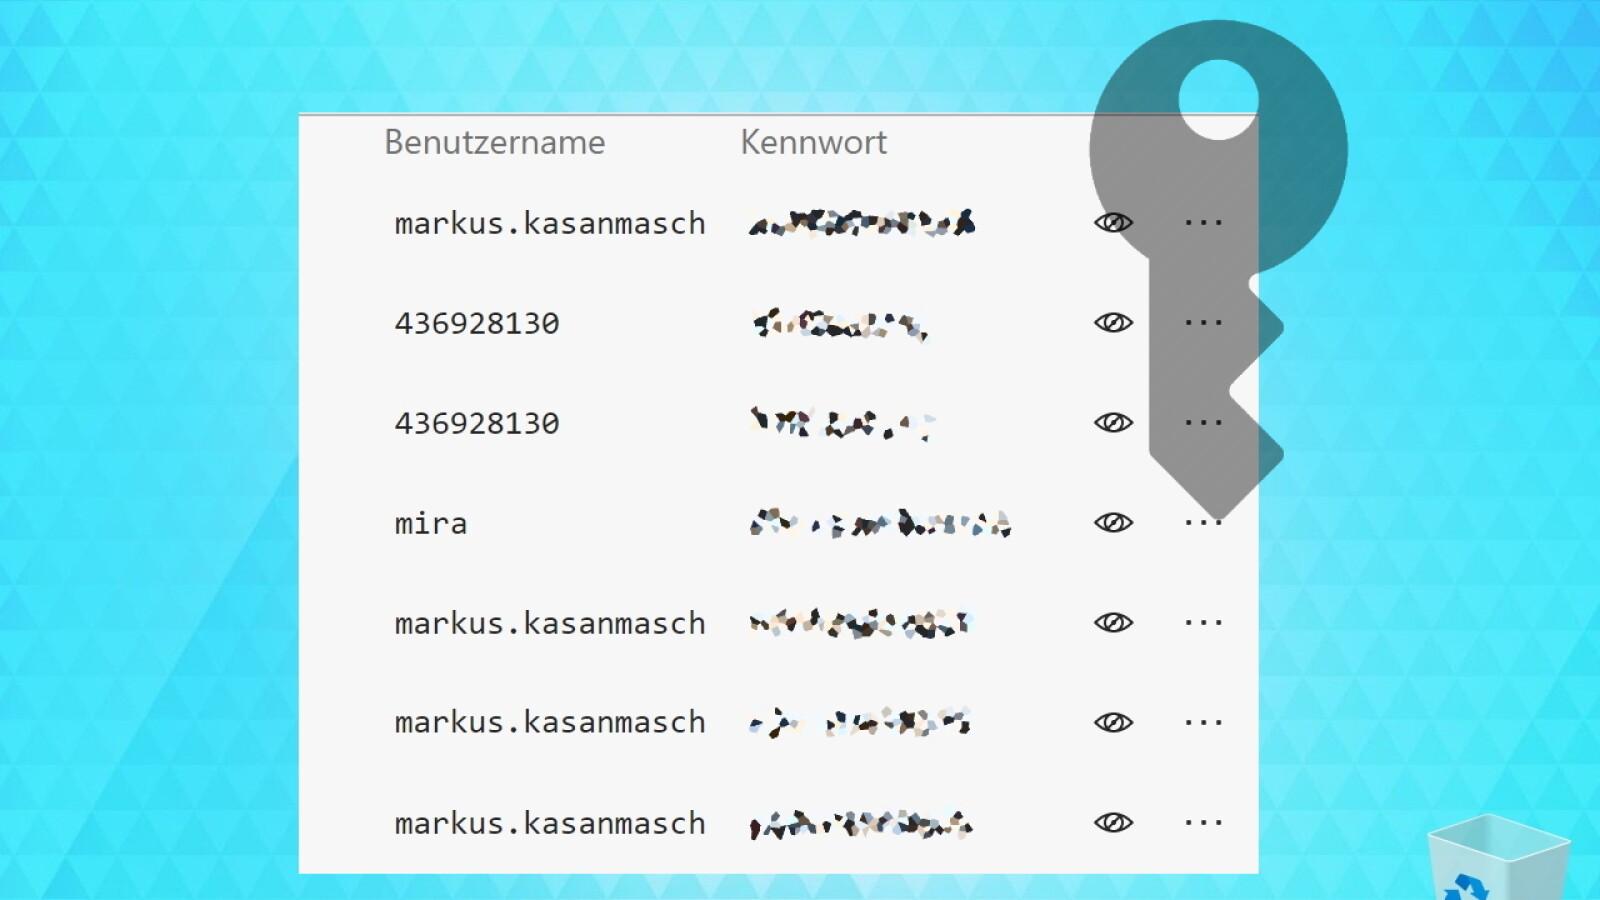 Nicht Gespeicherte Passwörter Auslesen